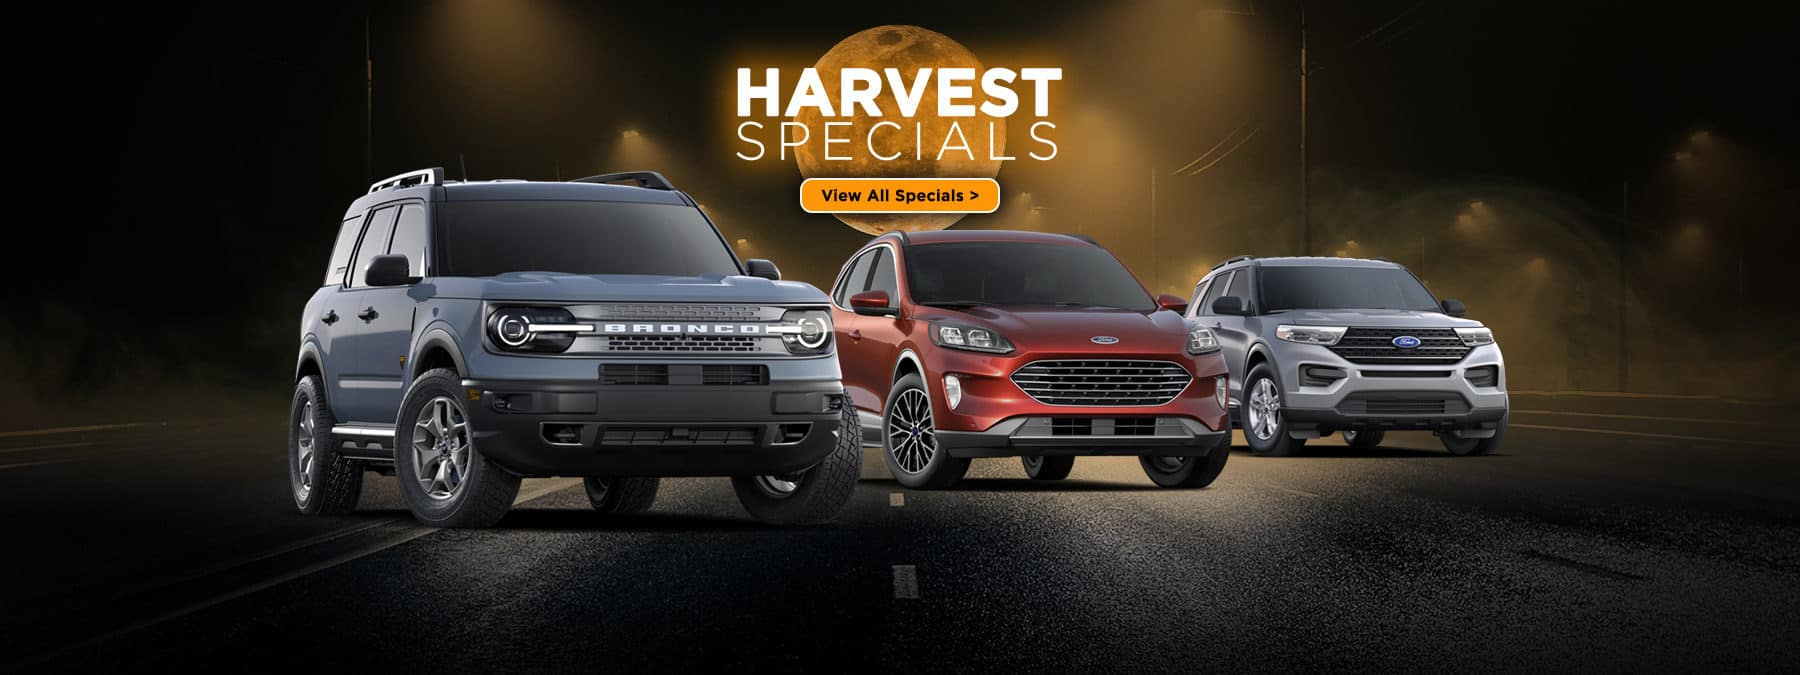 Ford October Harvest Specials